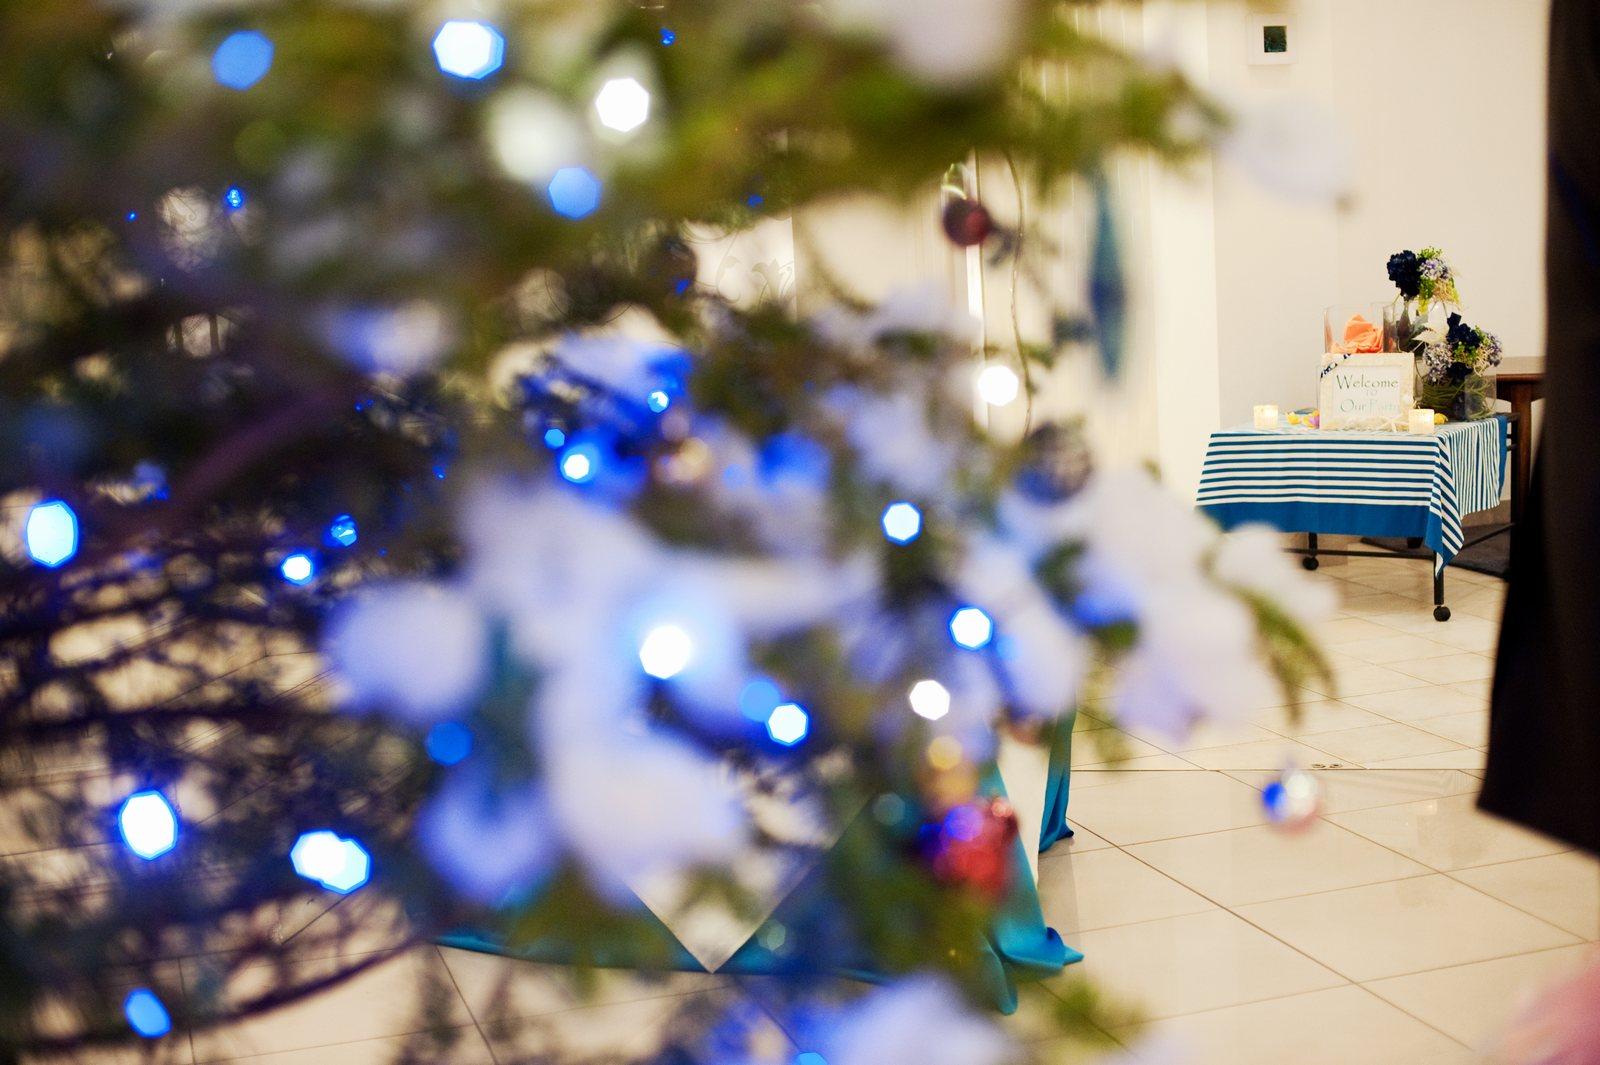 香川県の結婚式場のシェルエメール&アイスタイルの人気のクリスマスディナー